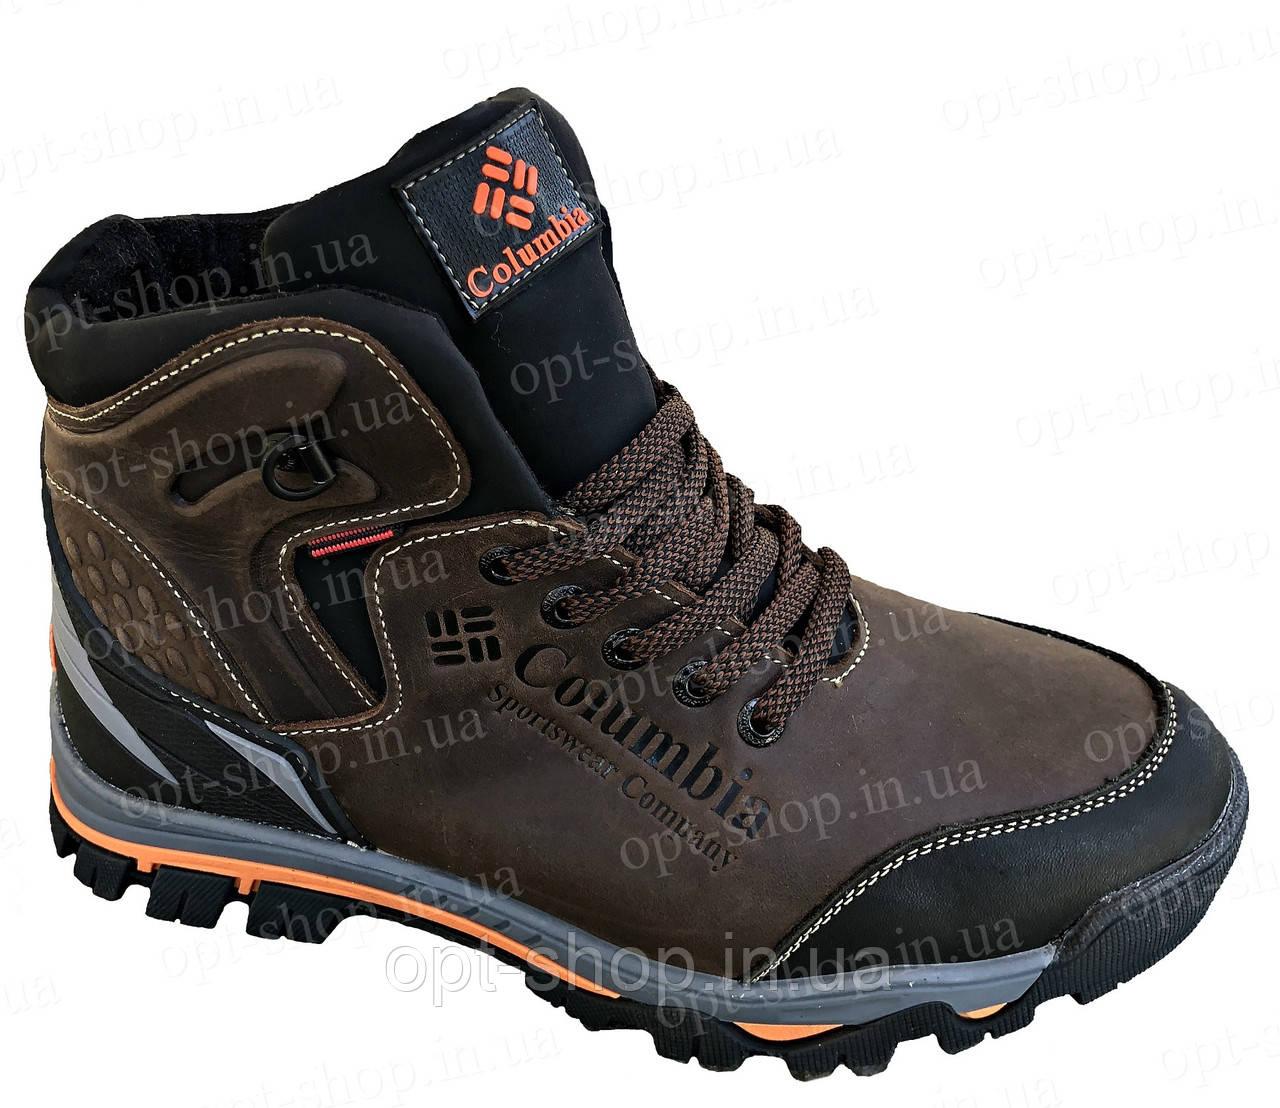 Мужские кожаные зимние ботинки Columbia реплика - Опт Shop в Харькове 4eb6eca9f09